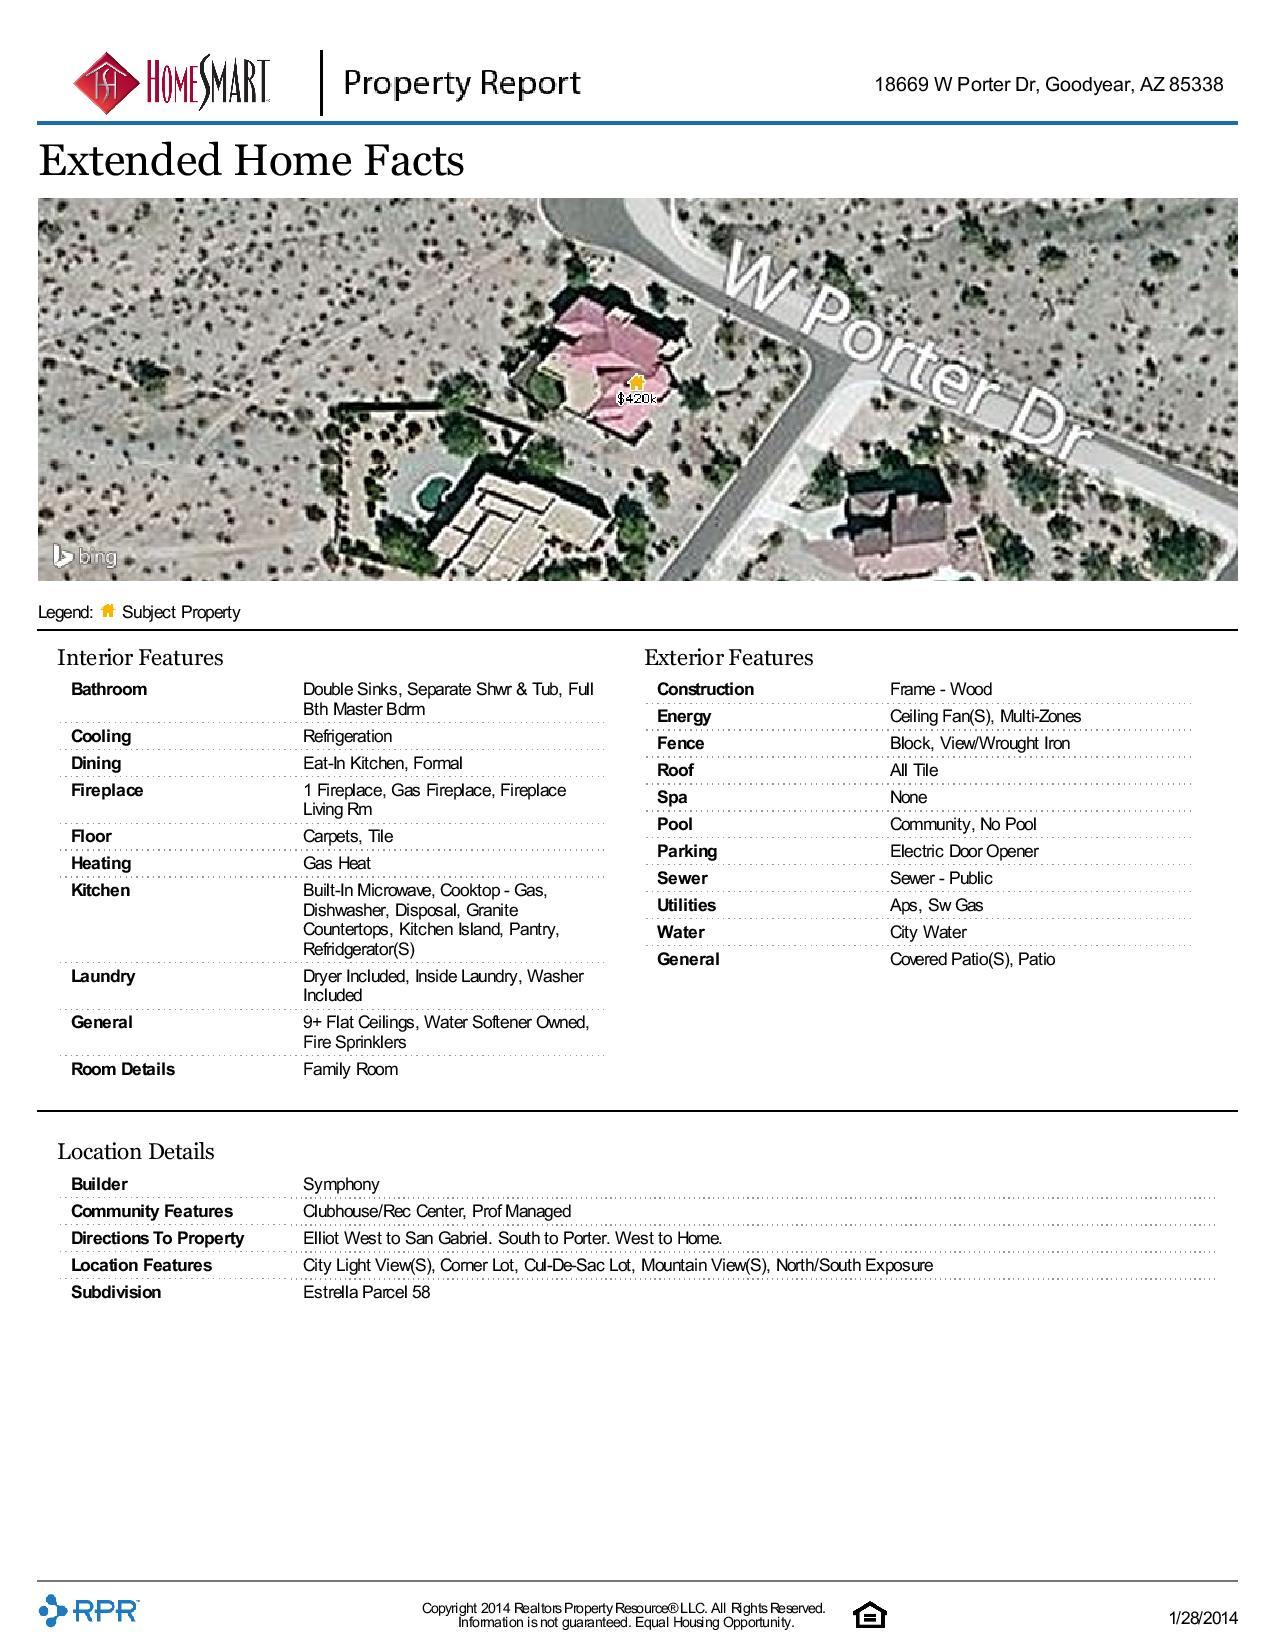 18669-W-Porter-Dr-Goodyear-AZ-85338.pdf-page-004